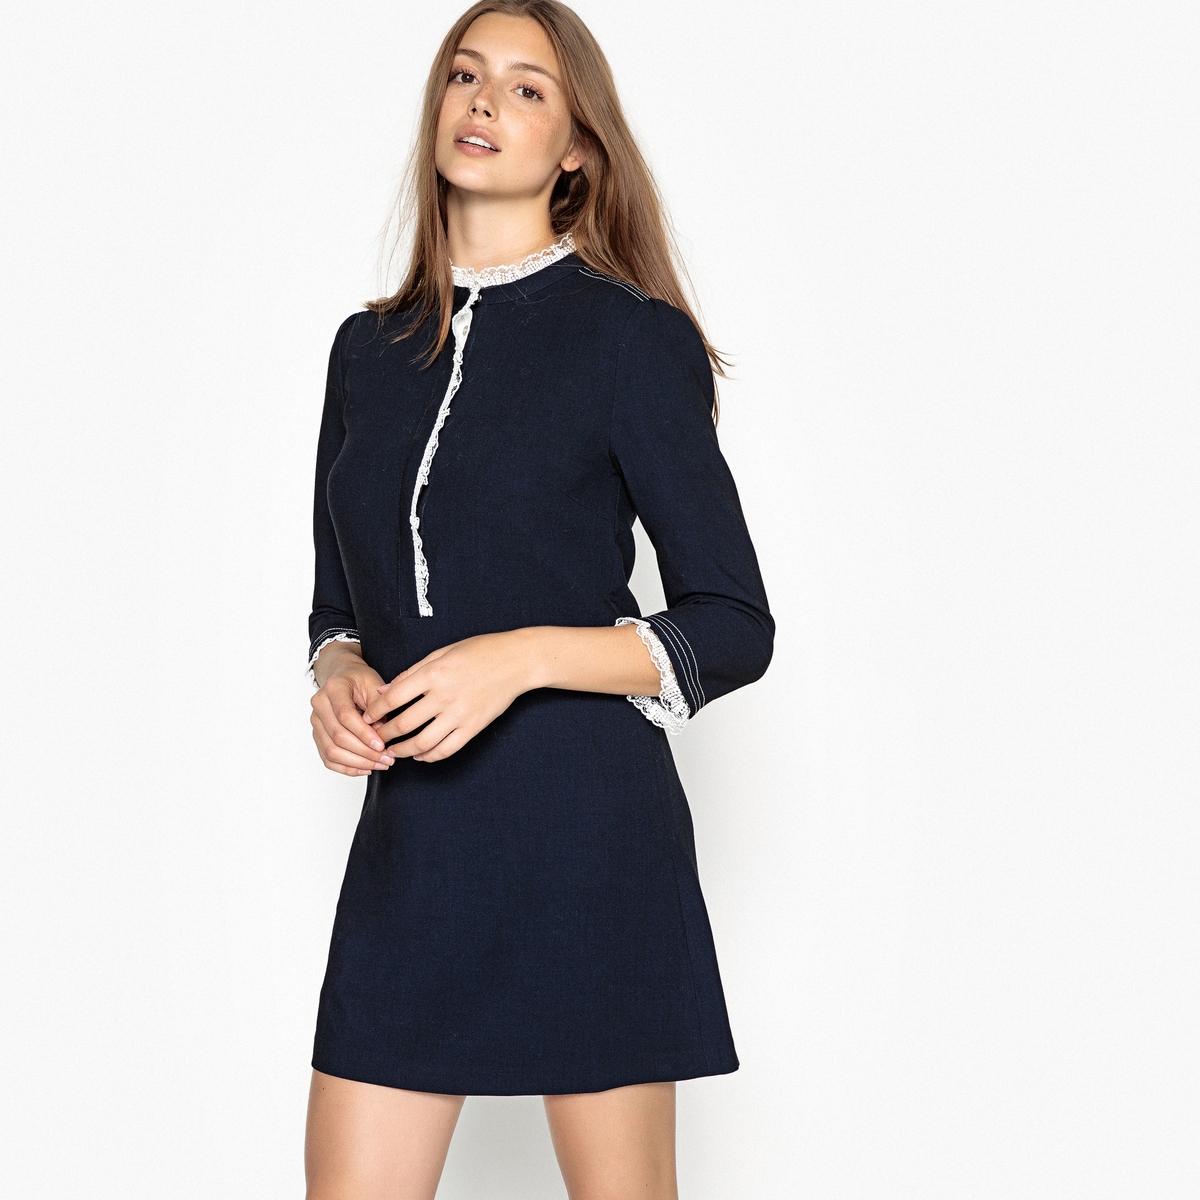 Платье прямое, с длинными рукавами и круглым вырезом, CELIE платье расклешенное с длинными рукавами и круглым вырезом